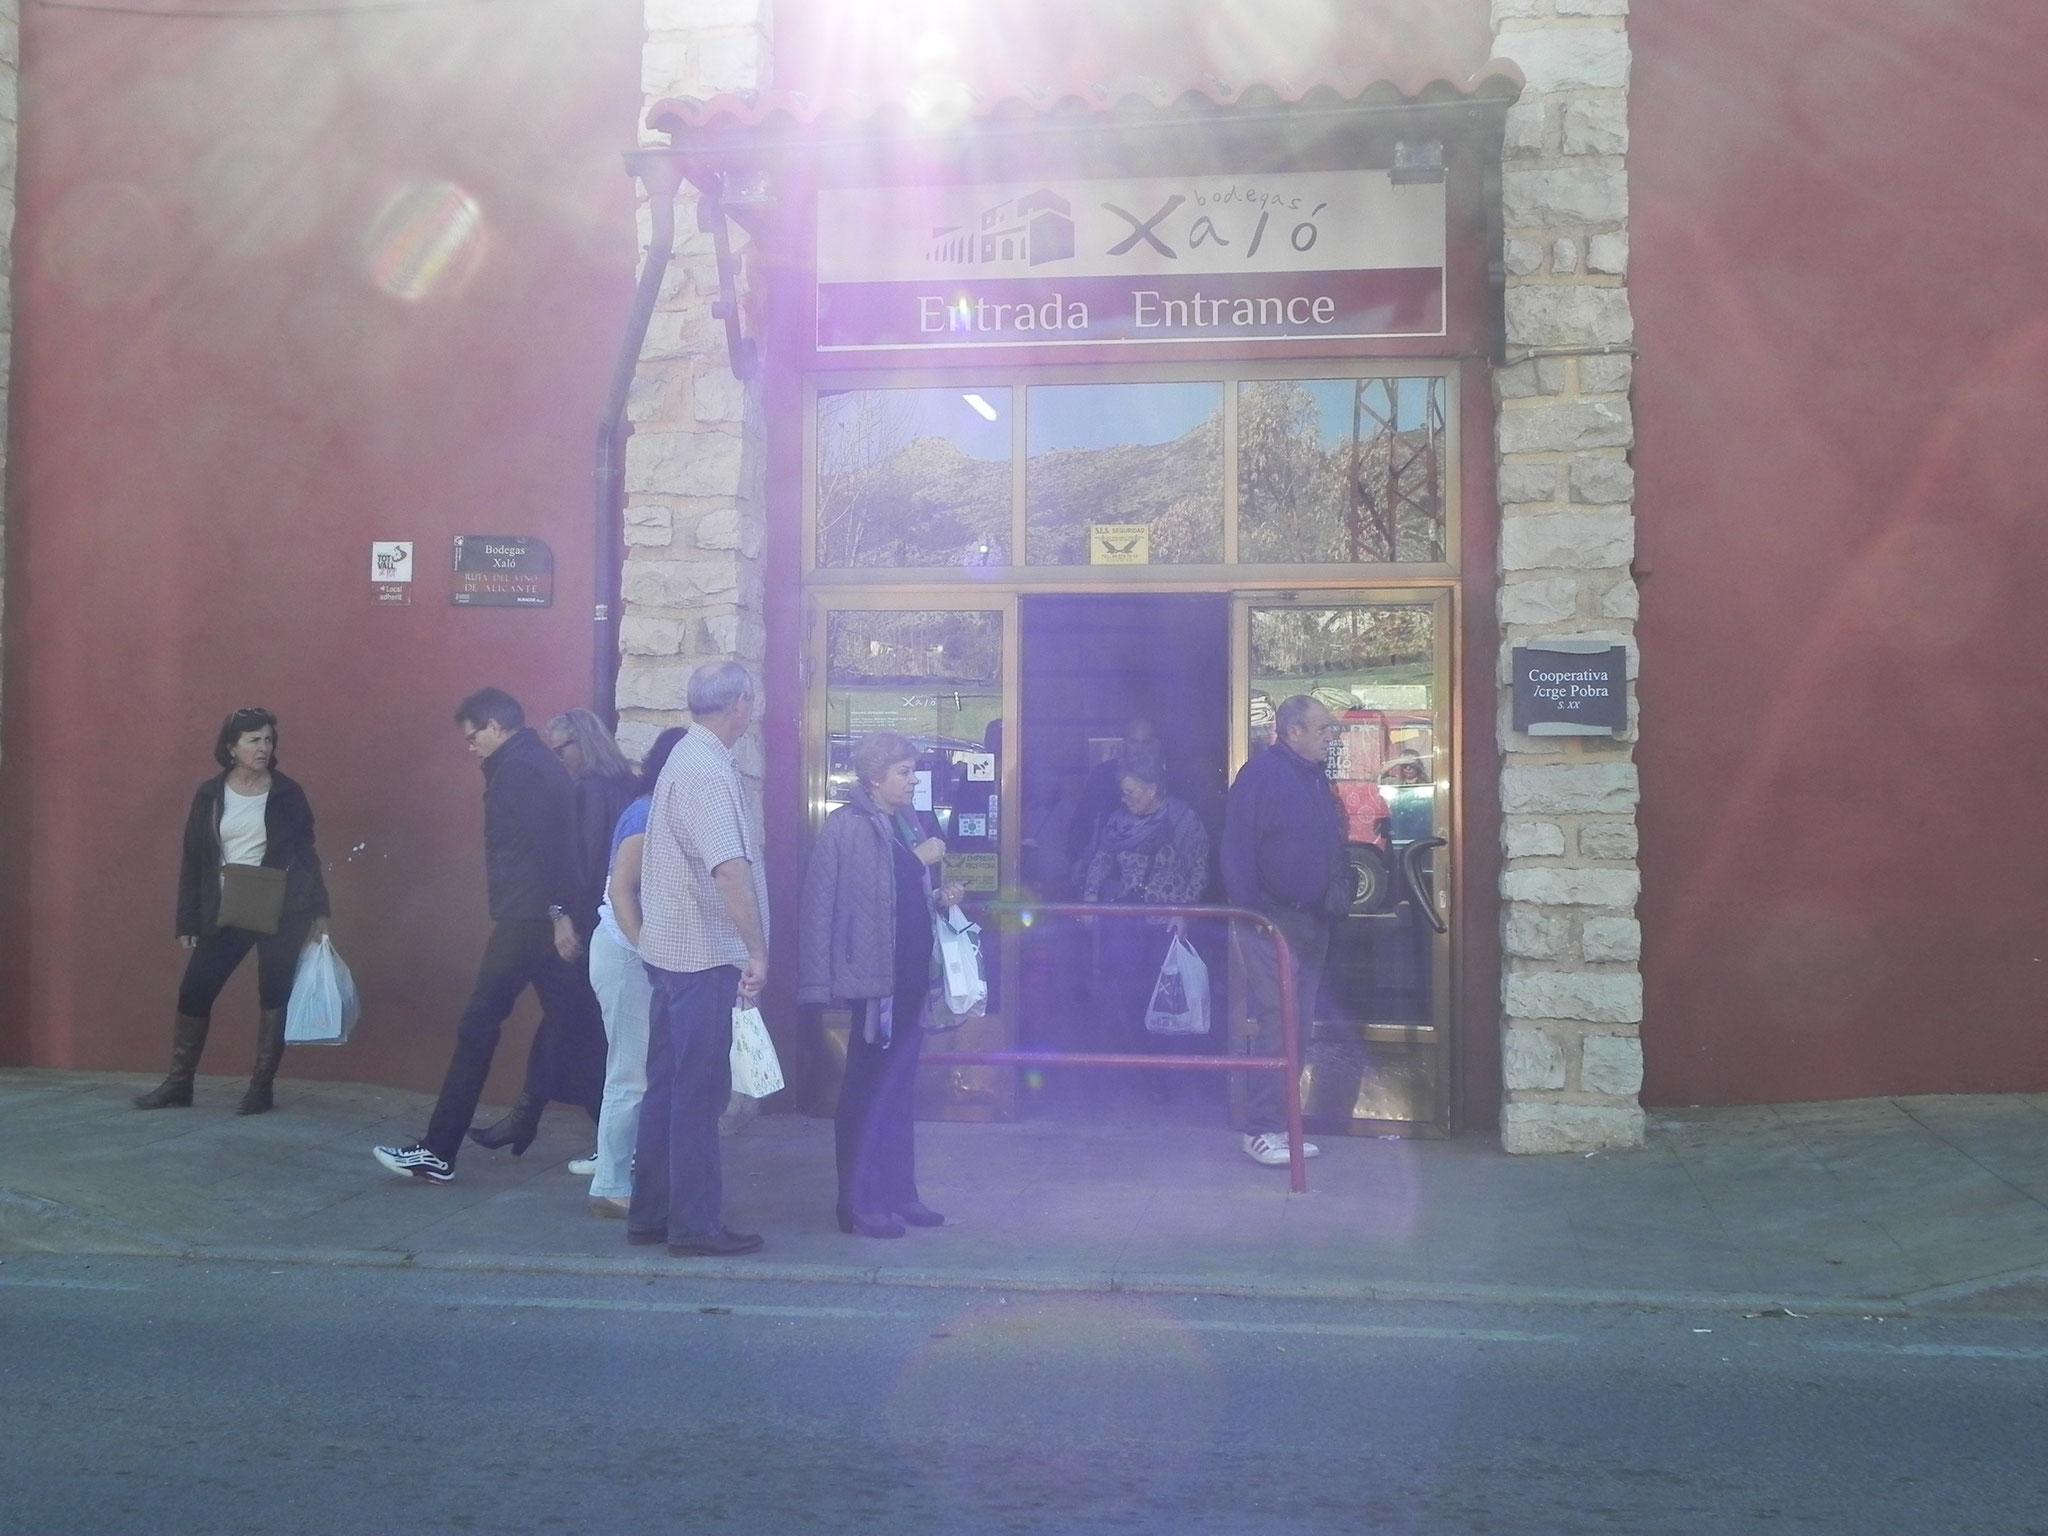 Eingang zur Bodega Xalo